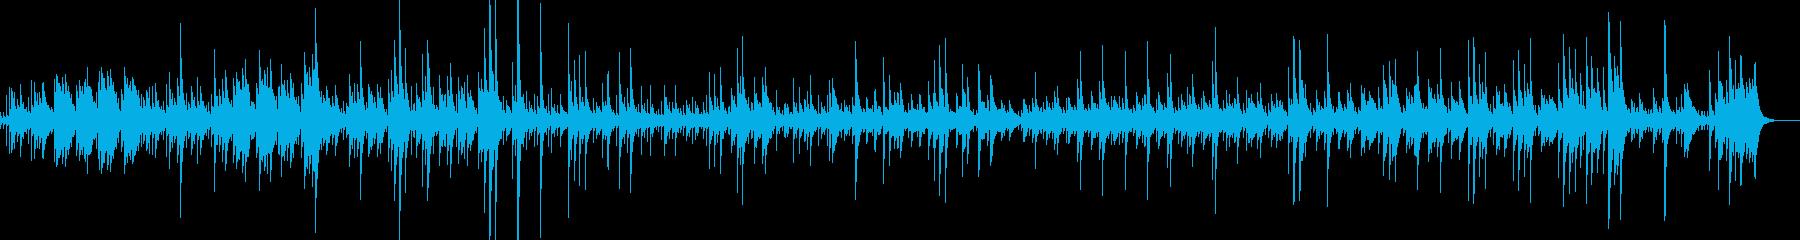 【オルゴール】アヴェマリア_アレンジの再生済みの波形